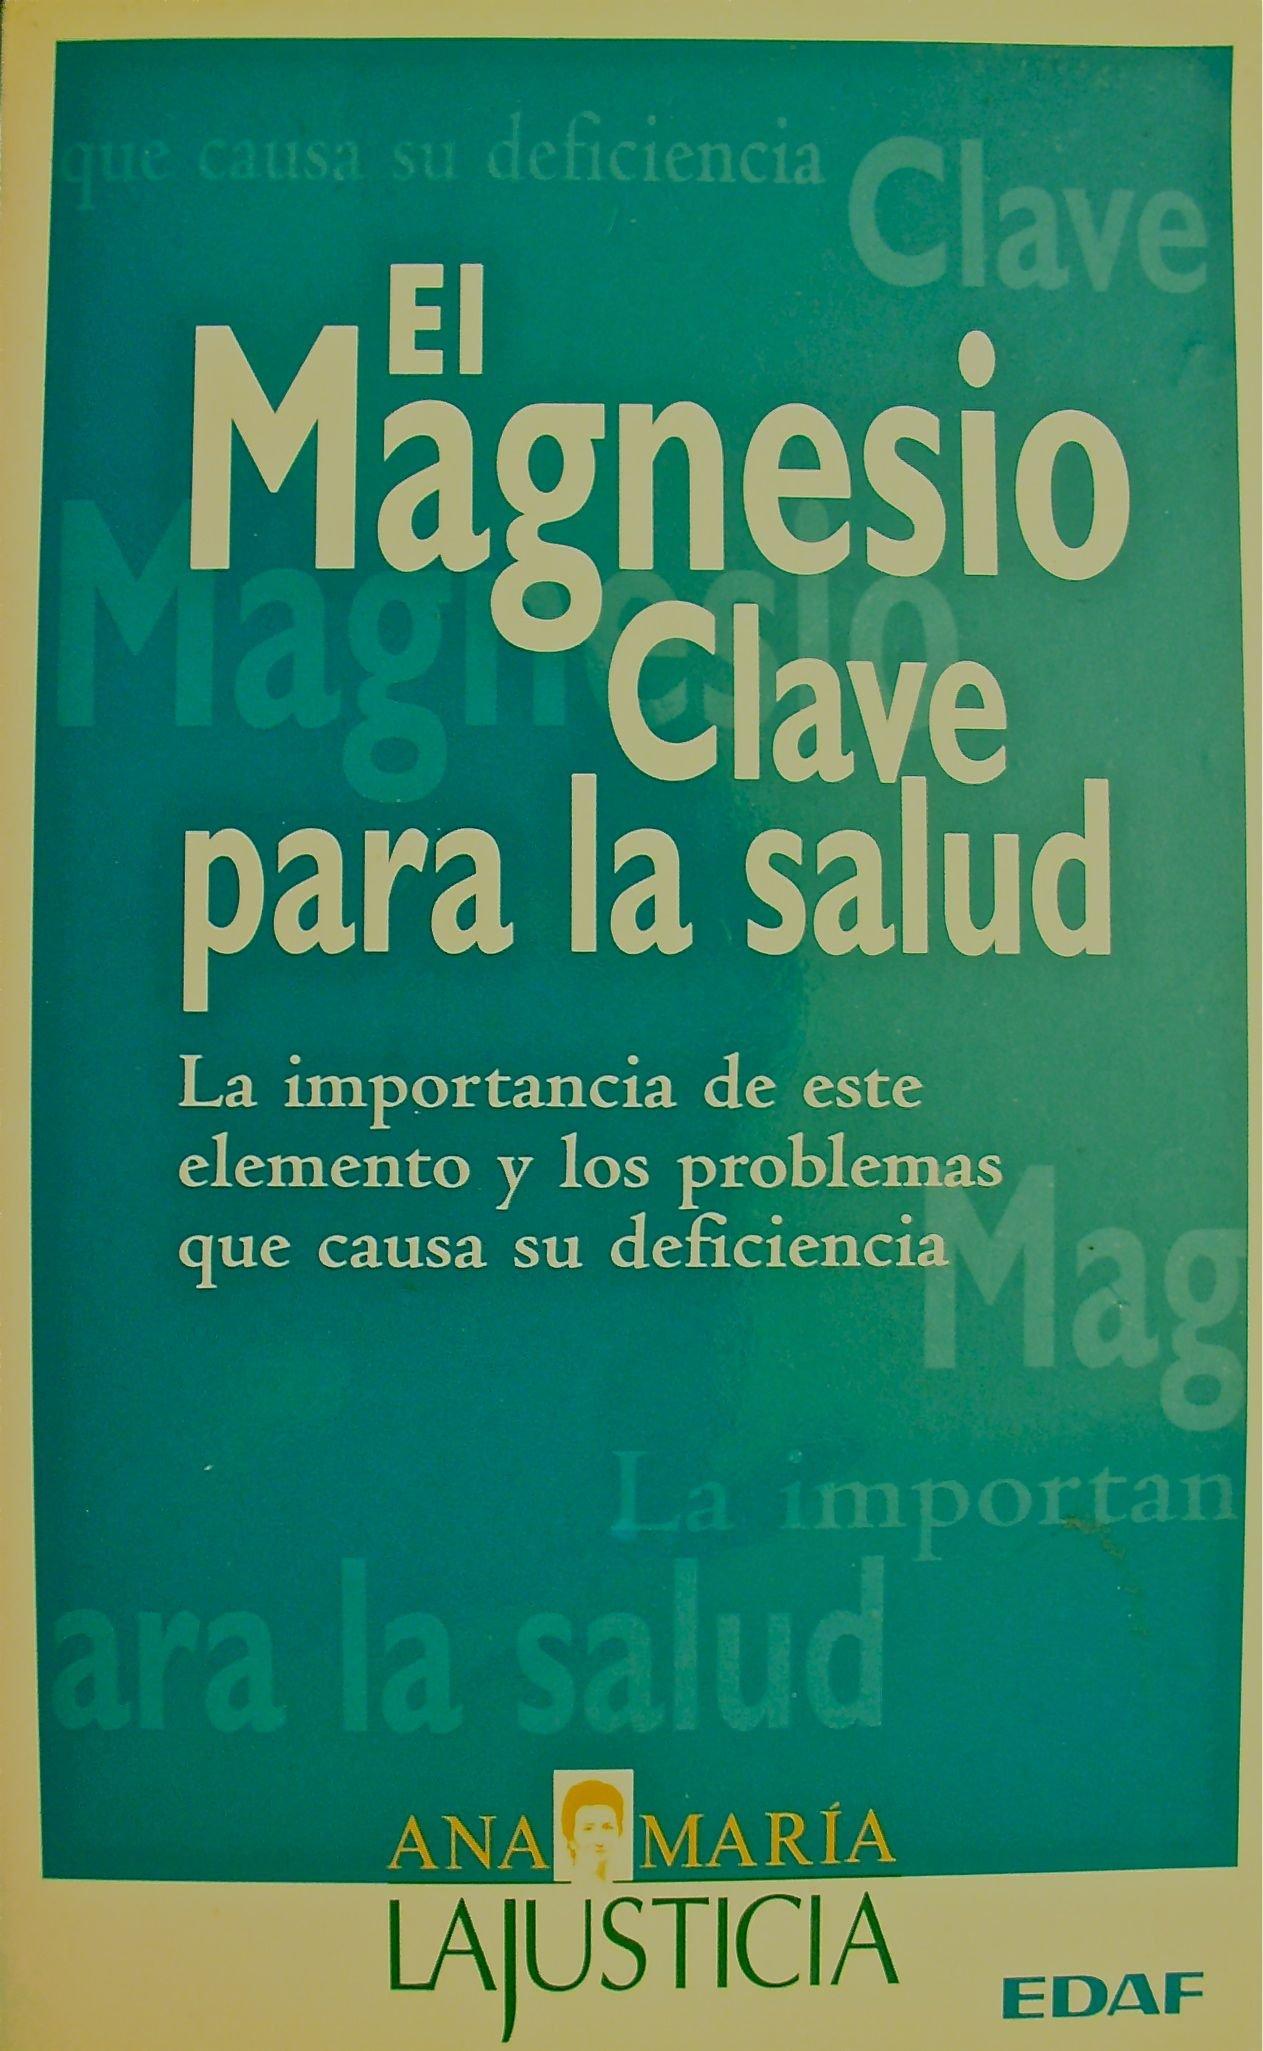 Magnesio, el - clave para la salud (Plus Vitae): Amazon.es: Ana Maria Lajusticia: Libros